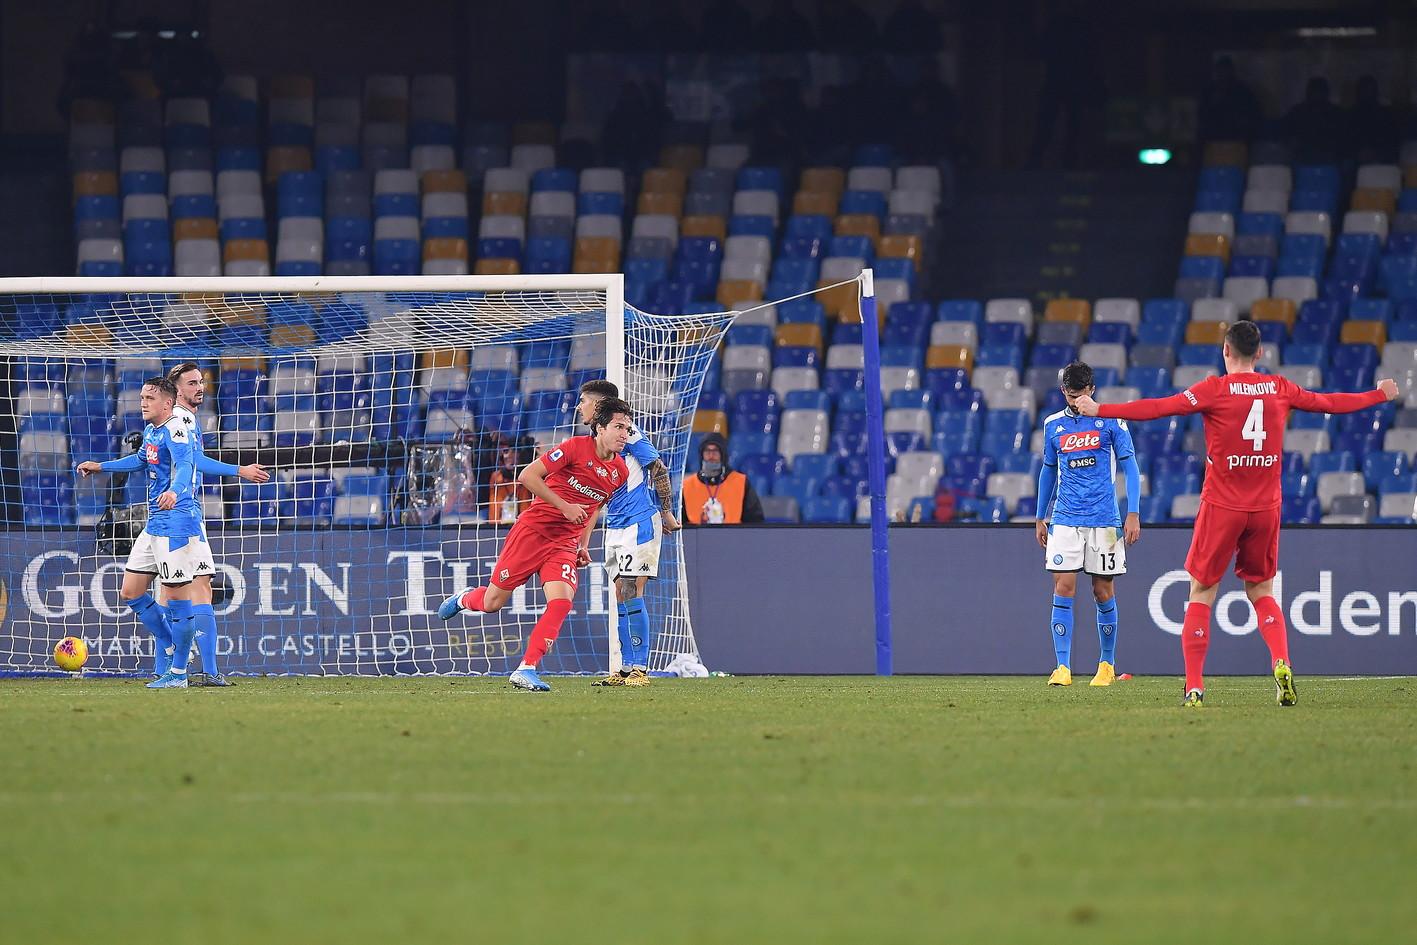 Le immagini della sfida del San Paolo tra gli azzurri di Gattuso e i viola di Iachini